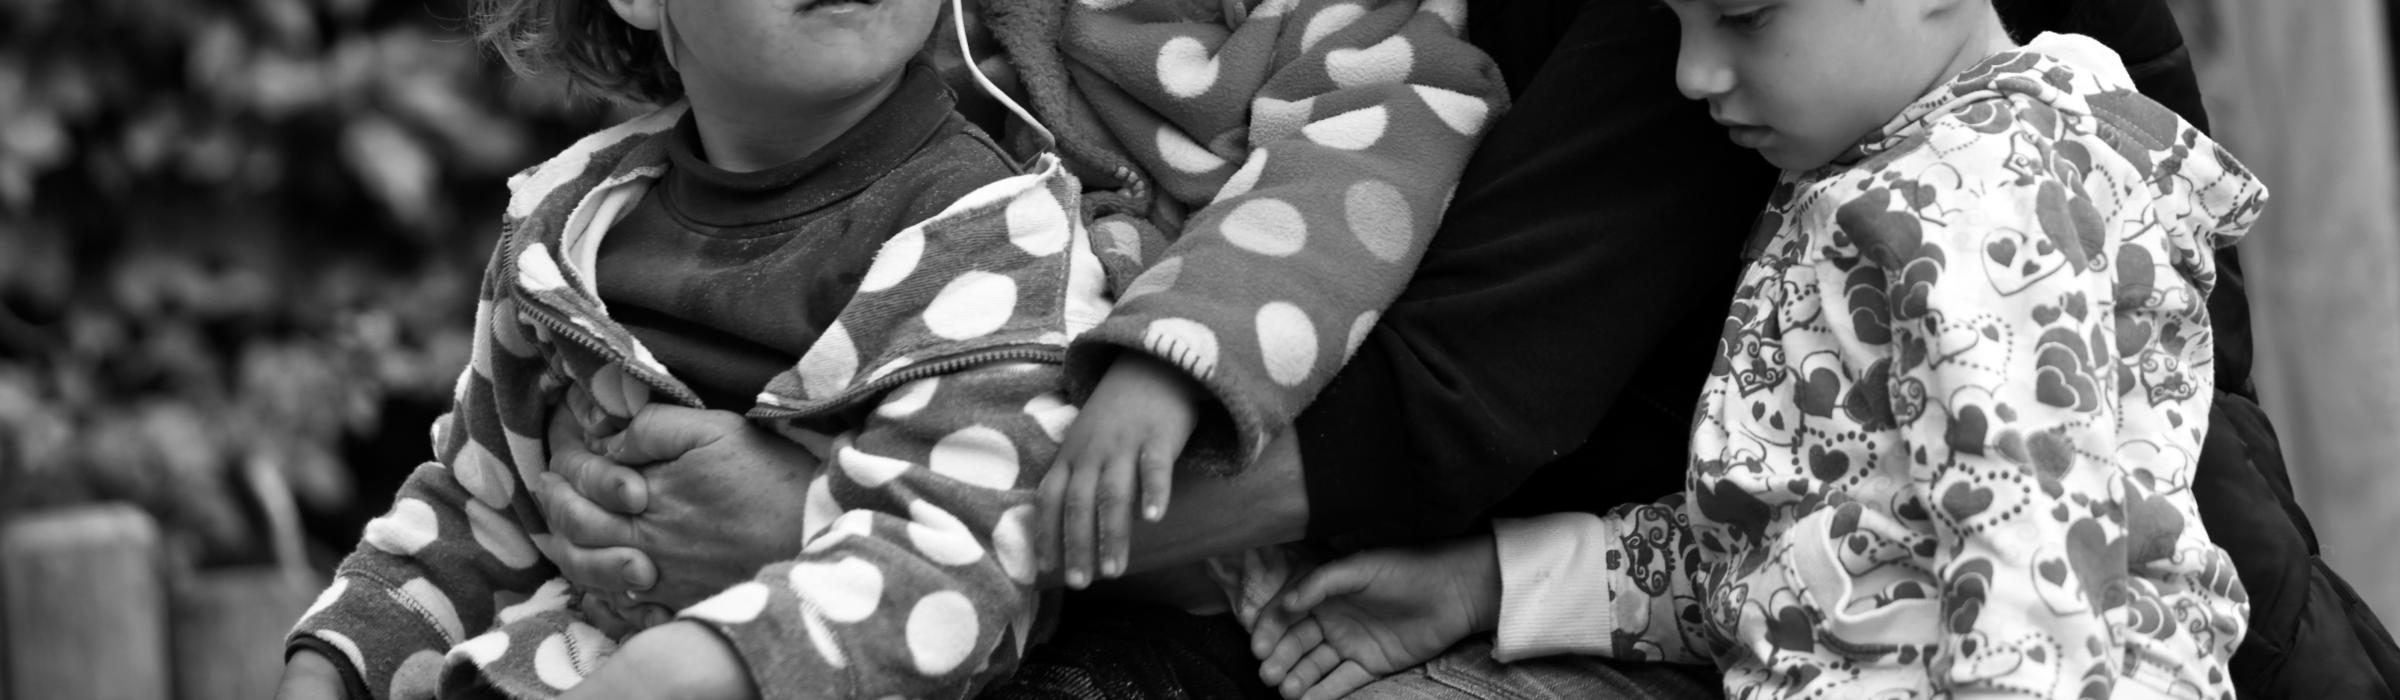 West London Action for Children - Teacher with Three Children